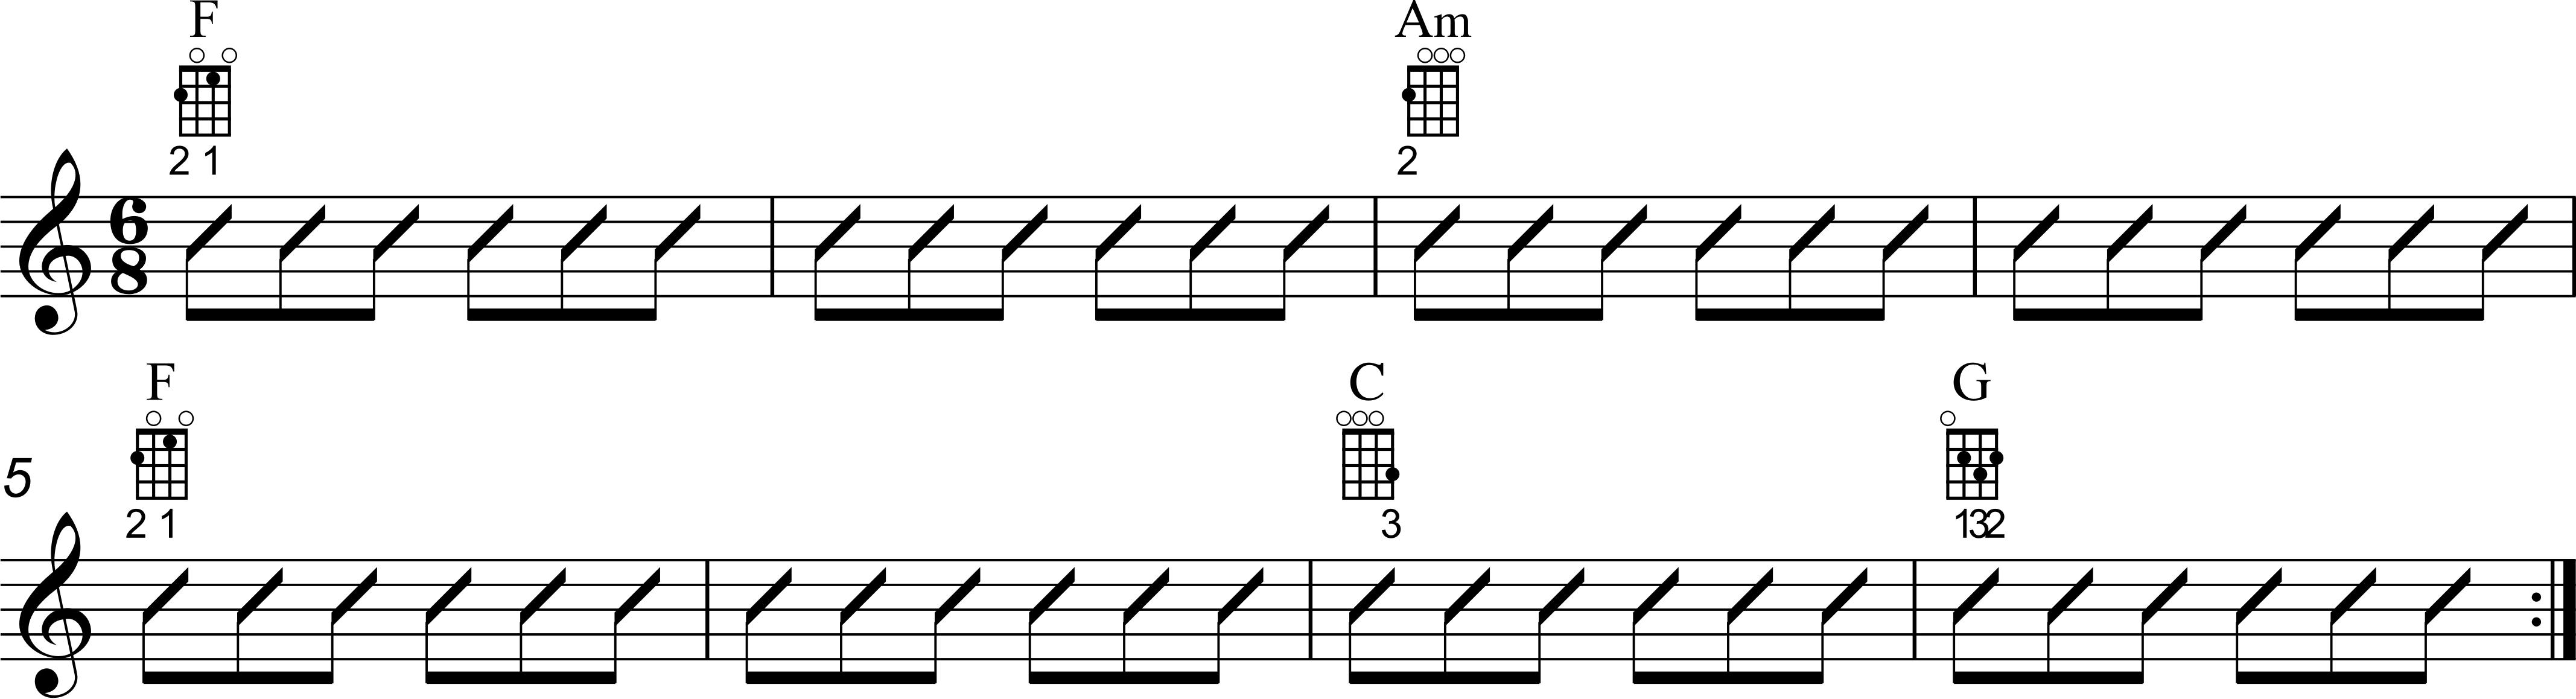 Hallelujah Ukulele Chord Progression